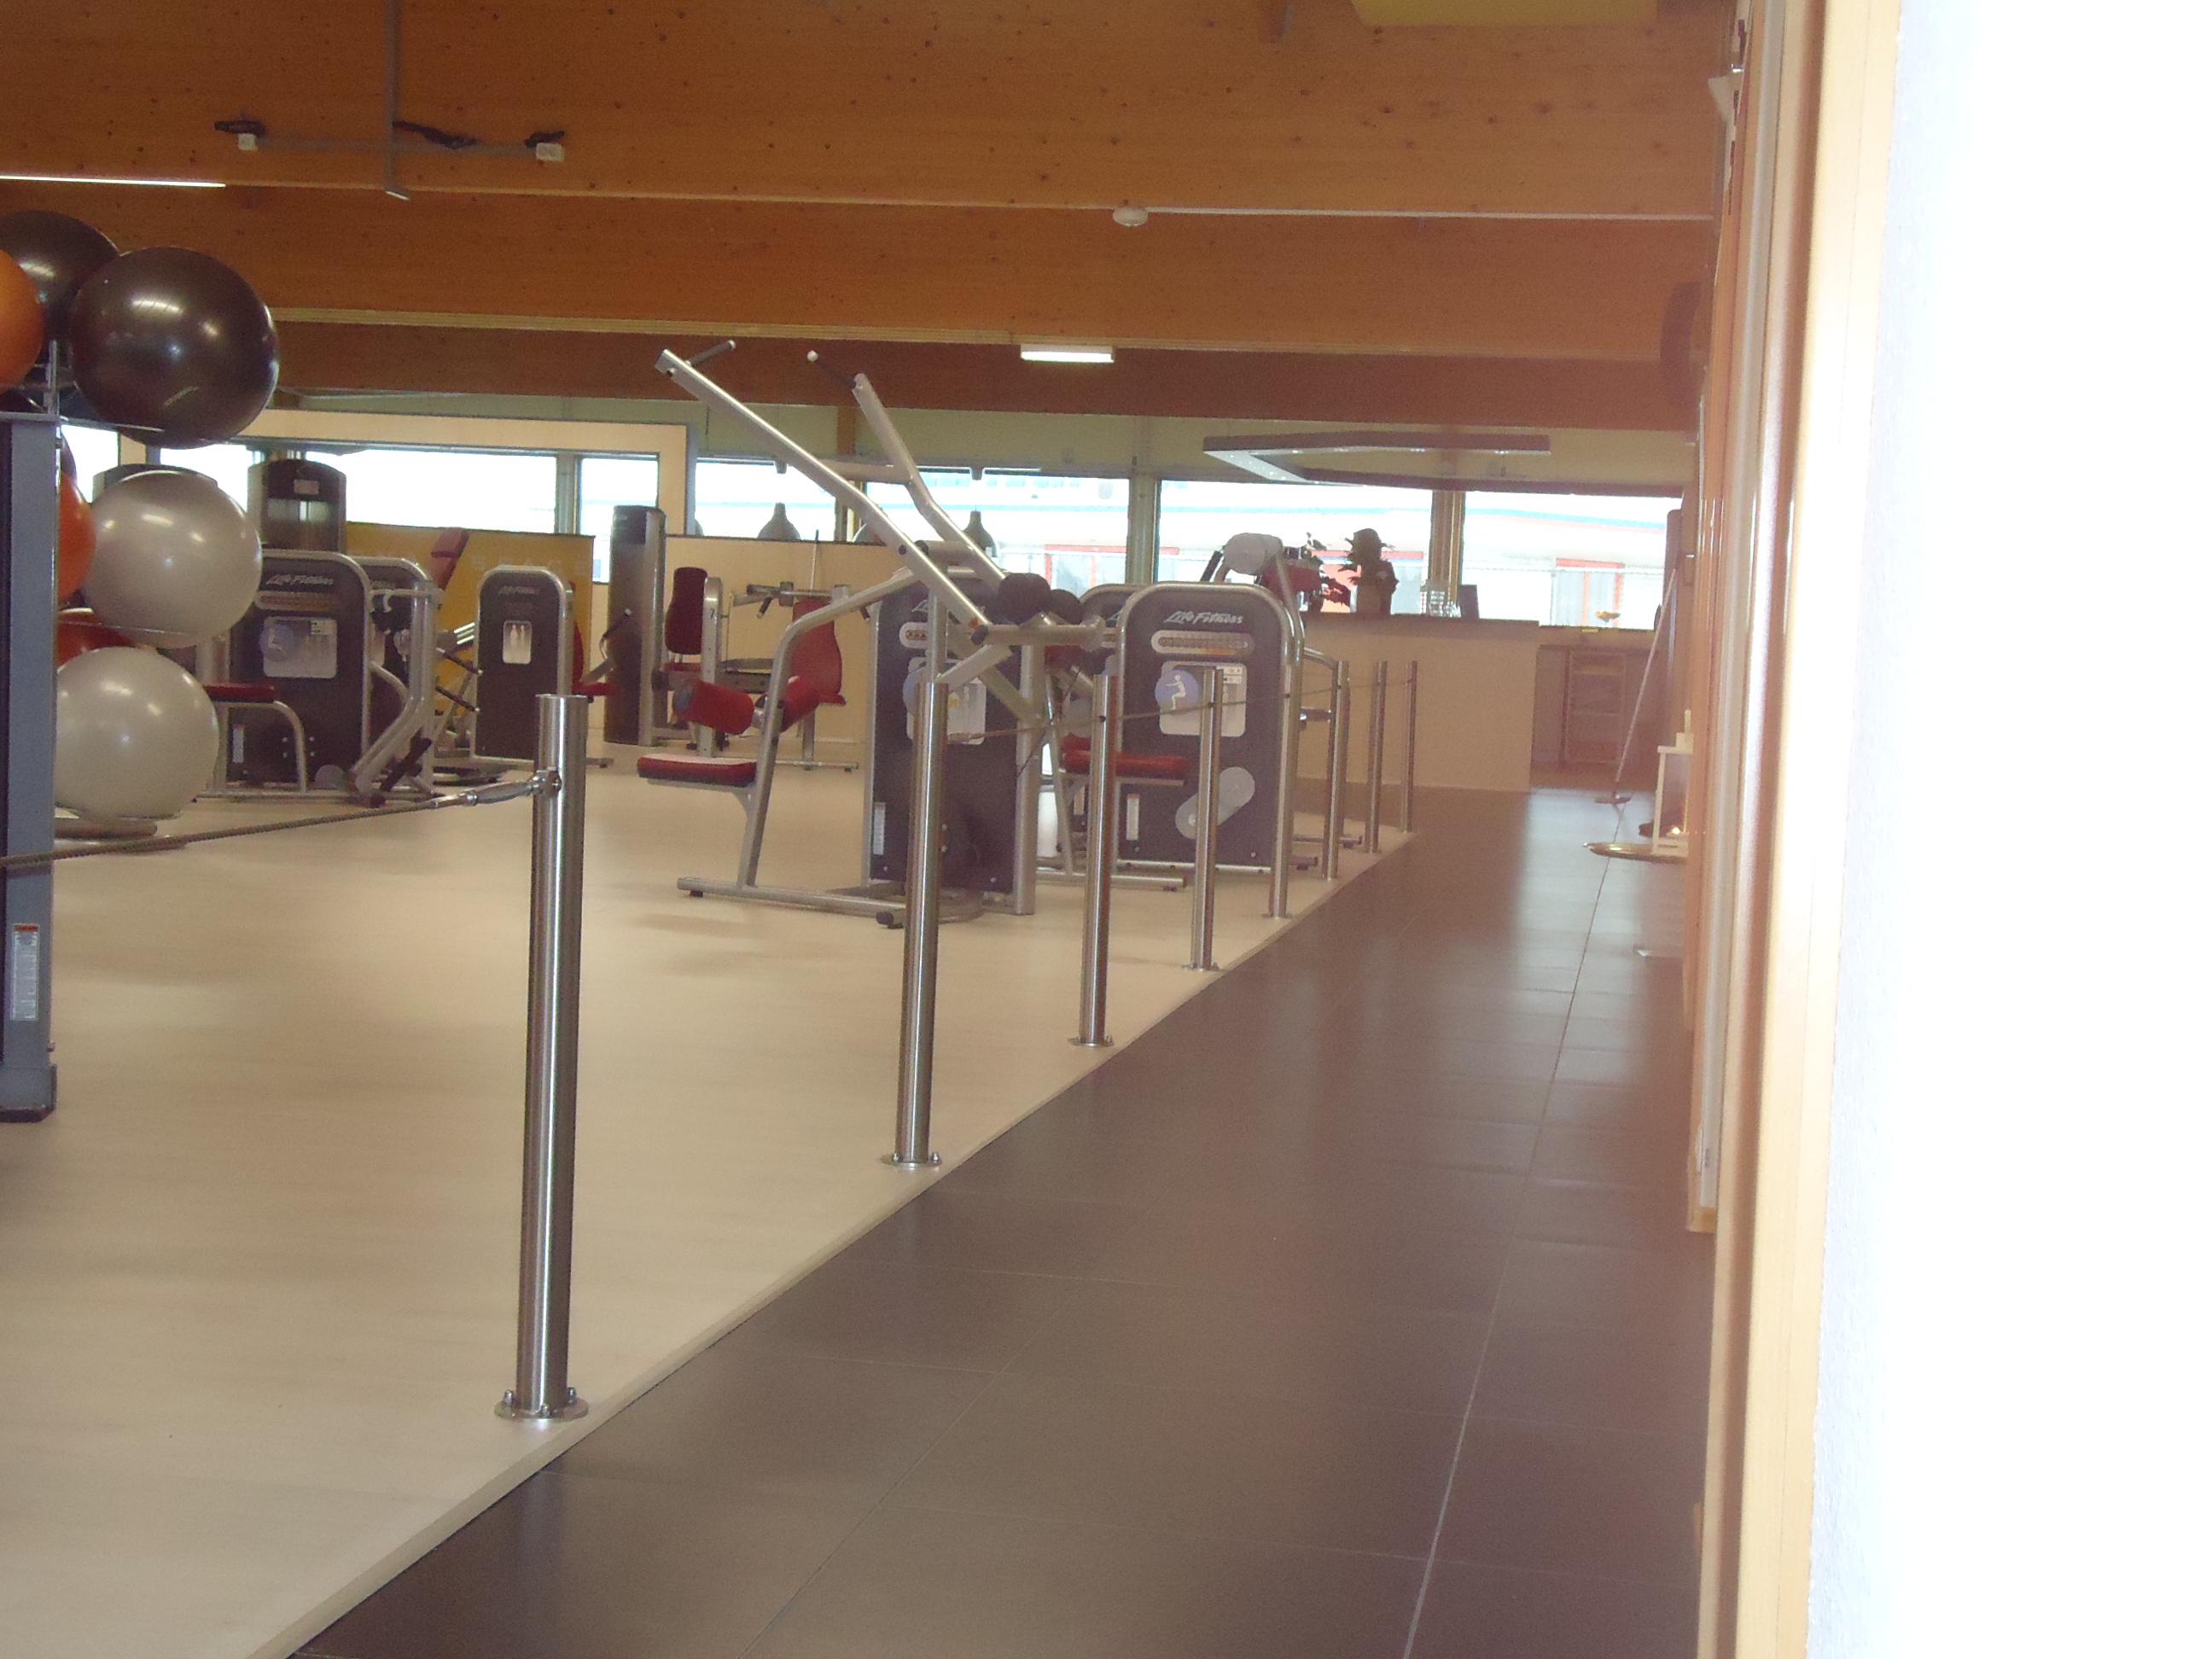 Palen RVS met draad sportschool